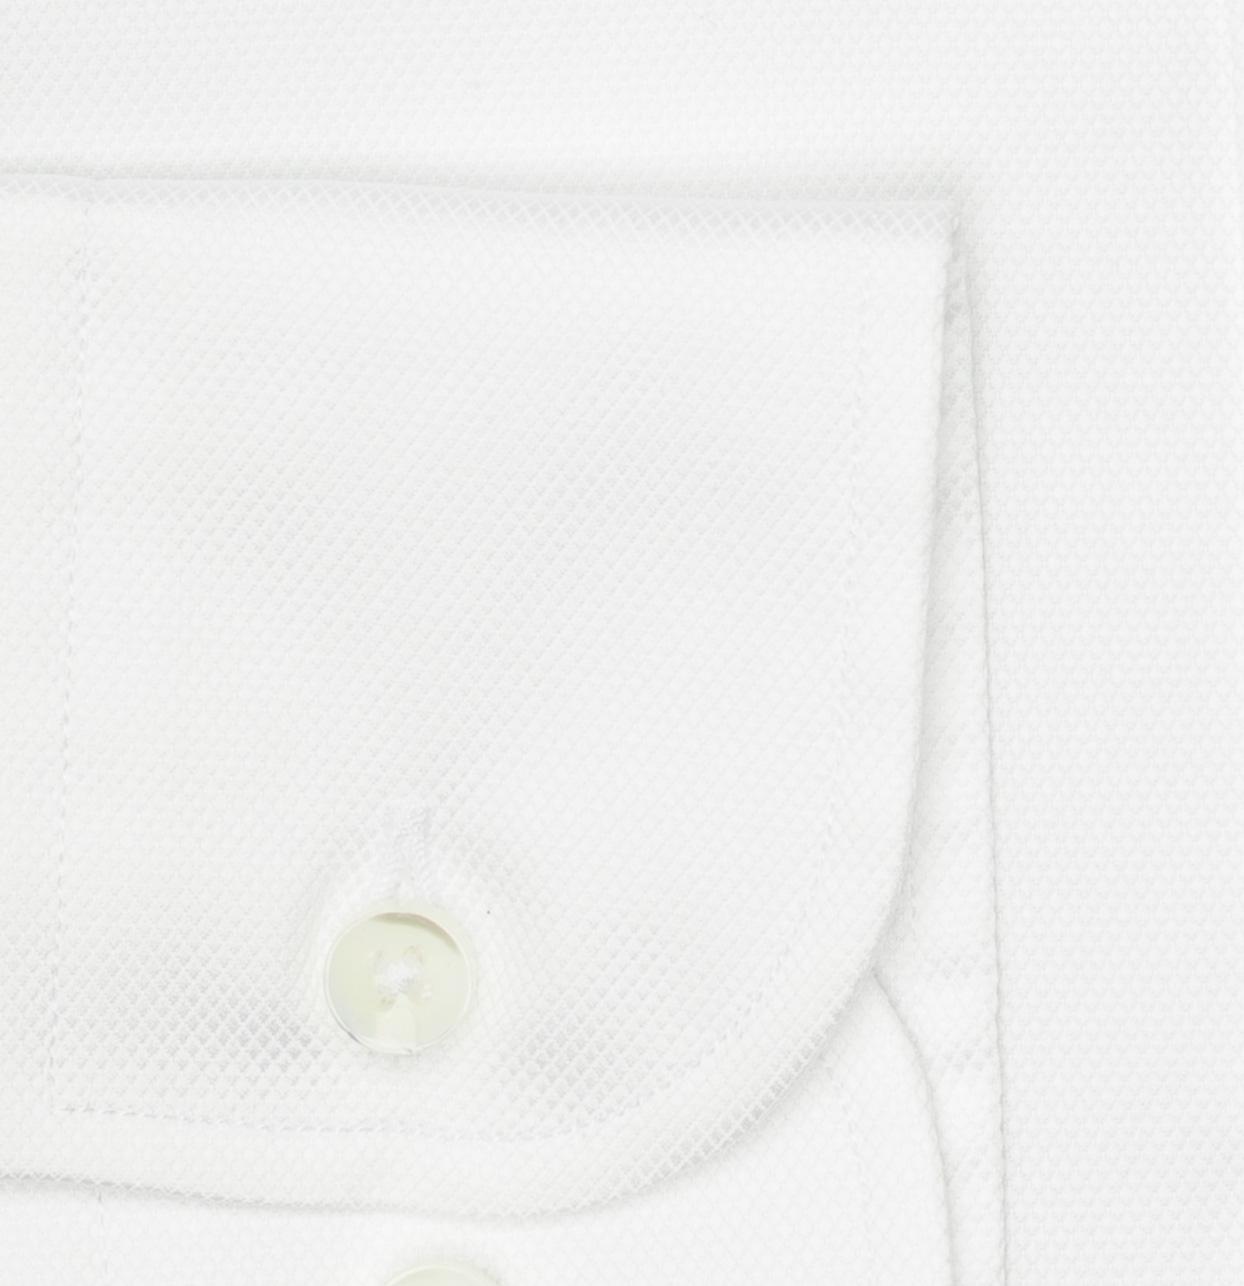 Camisa Formal Wear REGULAR FIT cuello Italiano modelo NAPOLI tejido micro esterilla color blanco,100% Algodón. - Ítem2